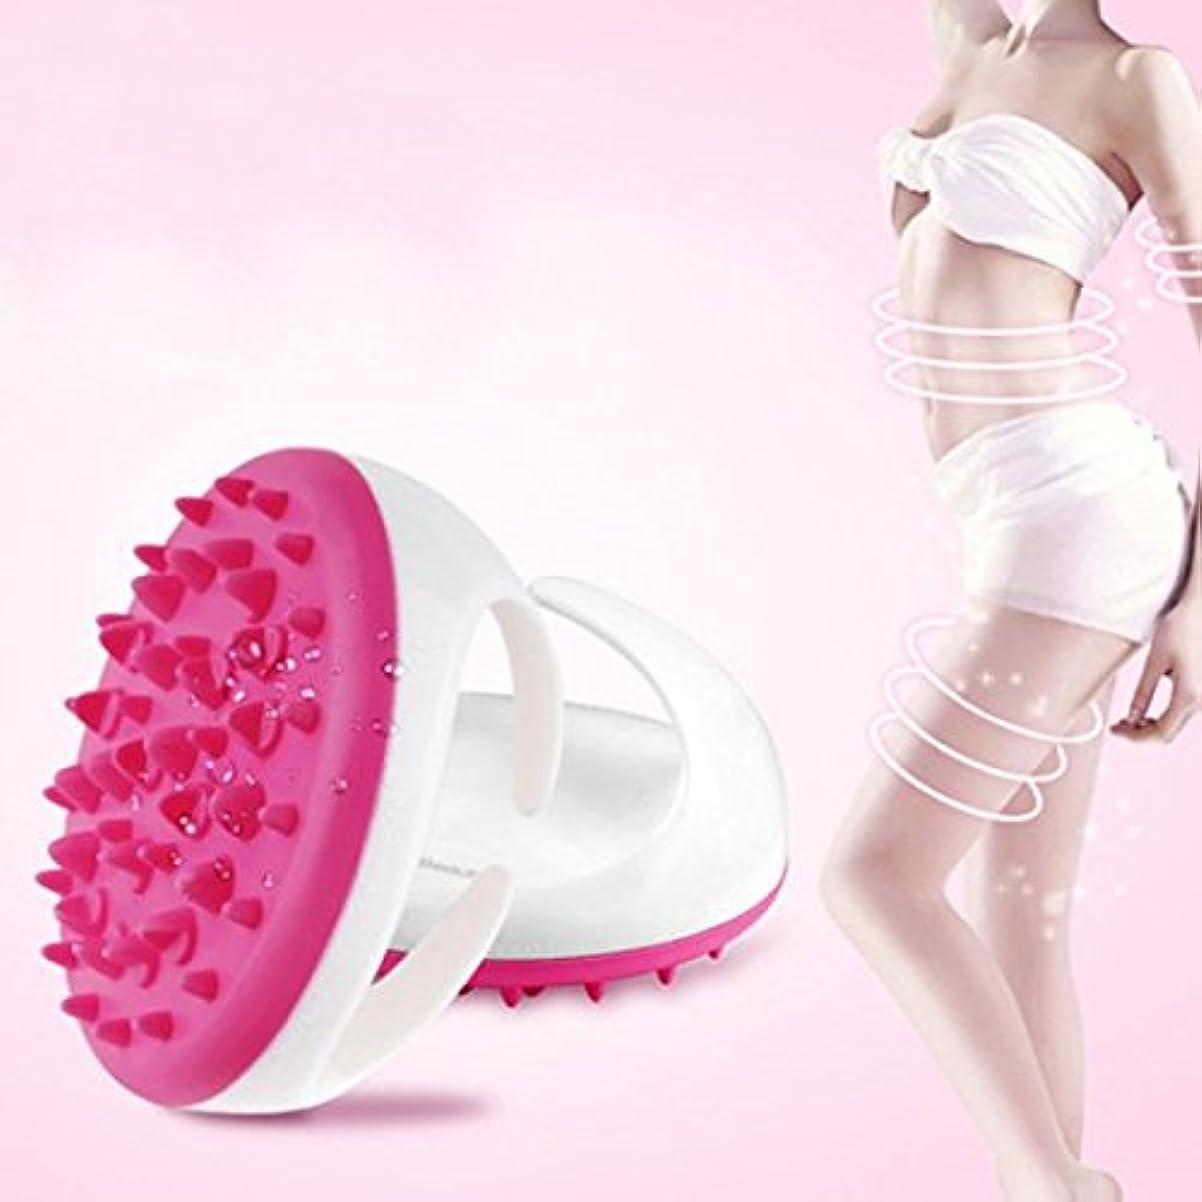 気怠い技術ベリーCarejoy マッサージ ブラシ ボディ シェイプ 美形 ダイエットブラシ 血液循環新陳代謝を促進 腹部 臀部 足など用  ピンク グリーン パープル色ランダムに発送